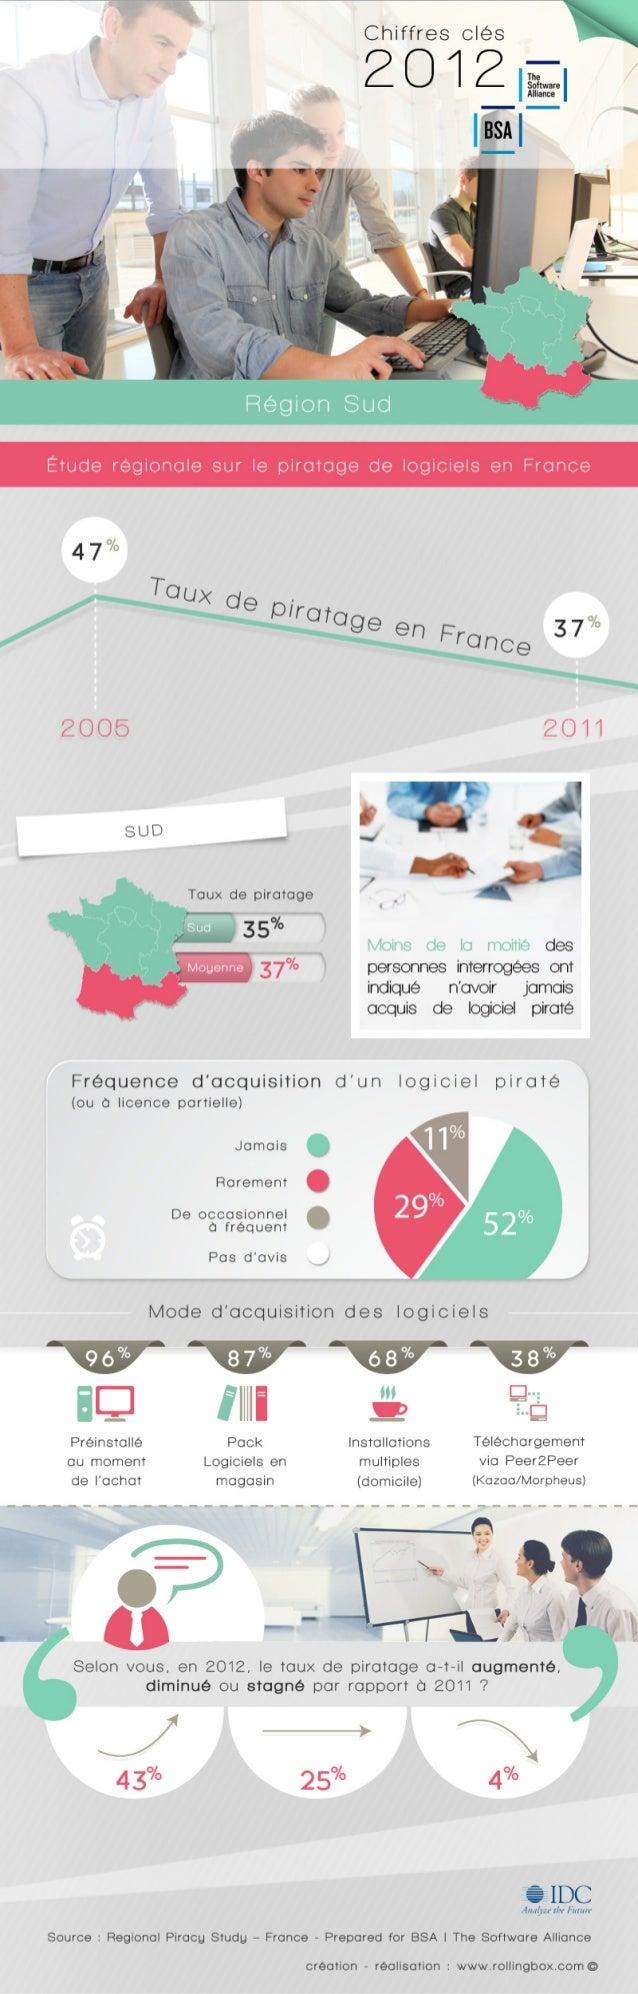 [Sud de la France] Etude régionale sur le piratage de logiciels en France - BSA | The Software Alliance / IDC